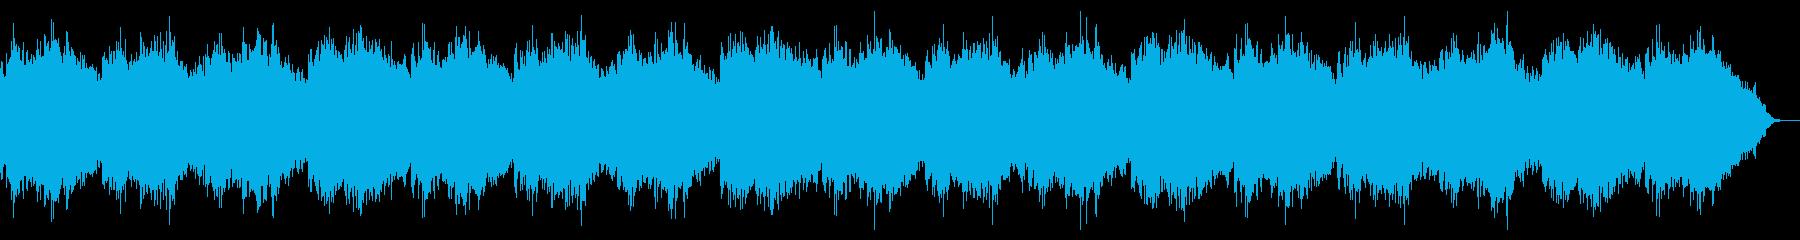 ヒーリング・森の再生済みの波形